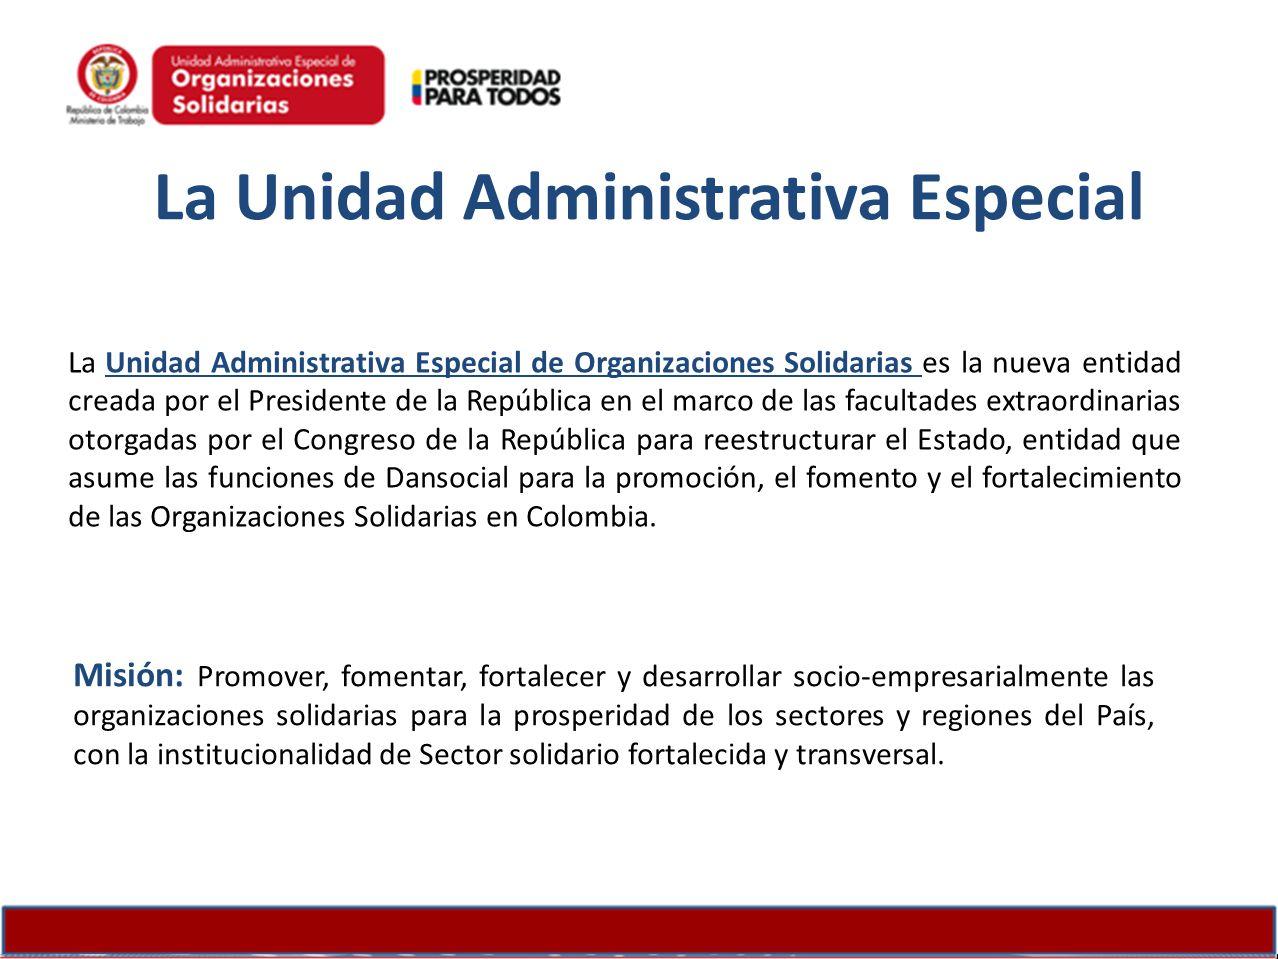 Economía solidaria ley 454 de 1998 CARACTERÍSTICACOOPERATIVAMUTUALFONDO DE EMPLEADOS No.